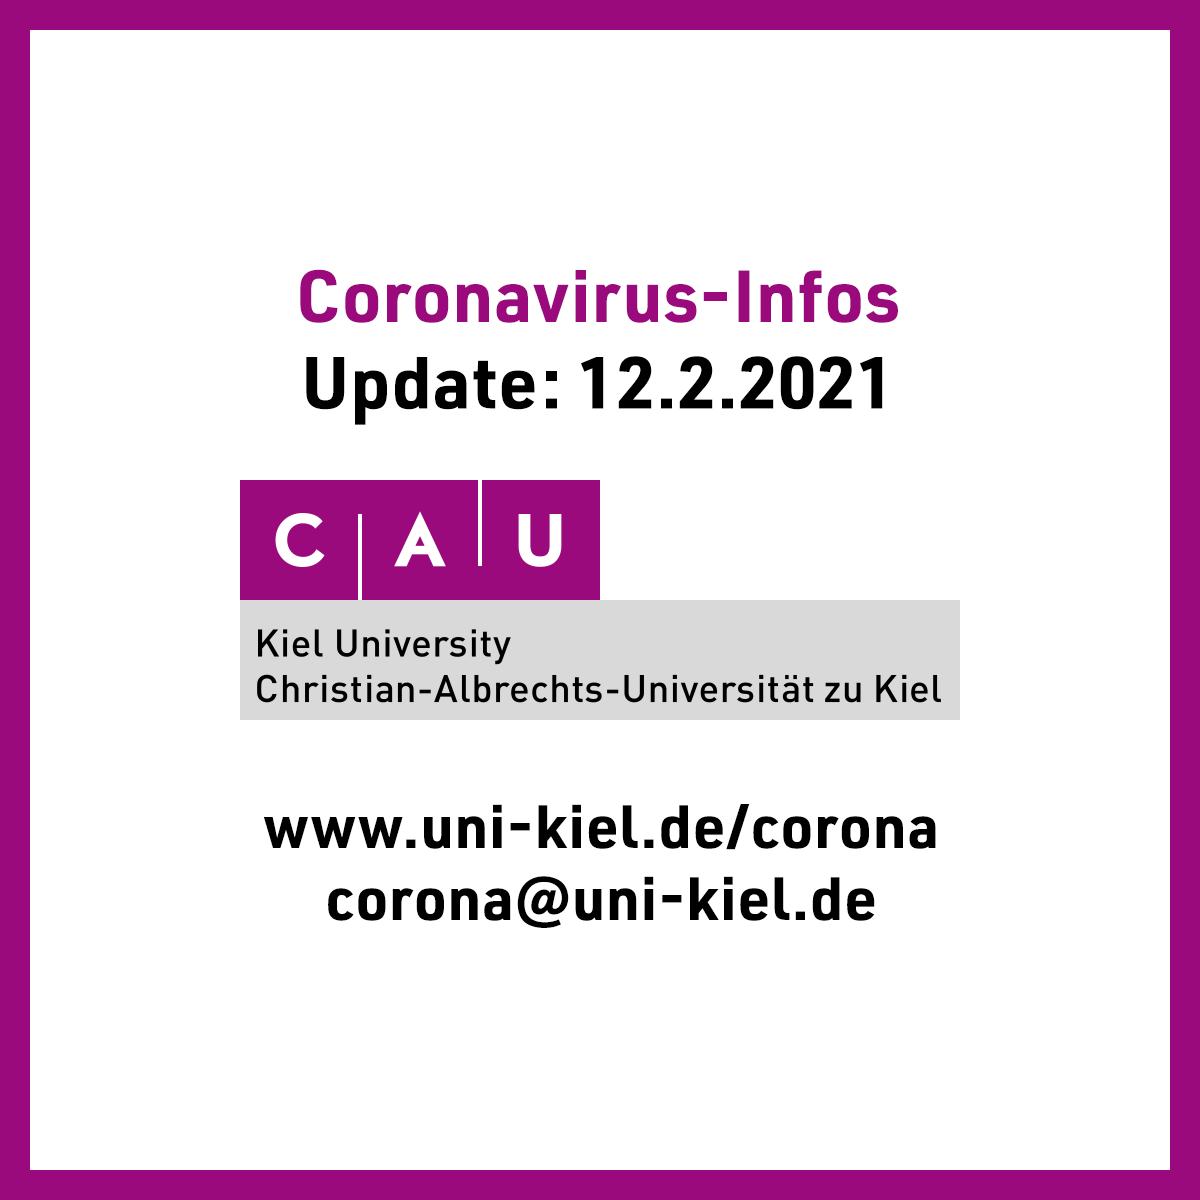 Universitat Kiel Cau Kieluni Twitter